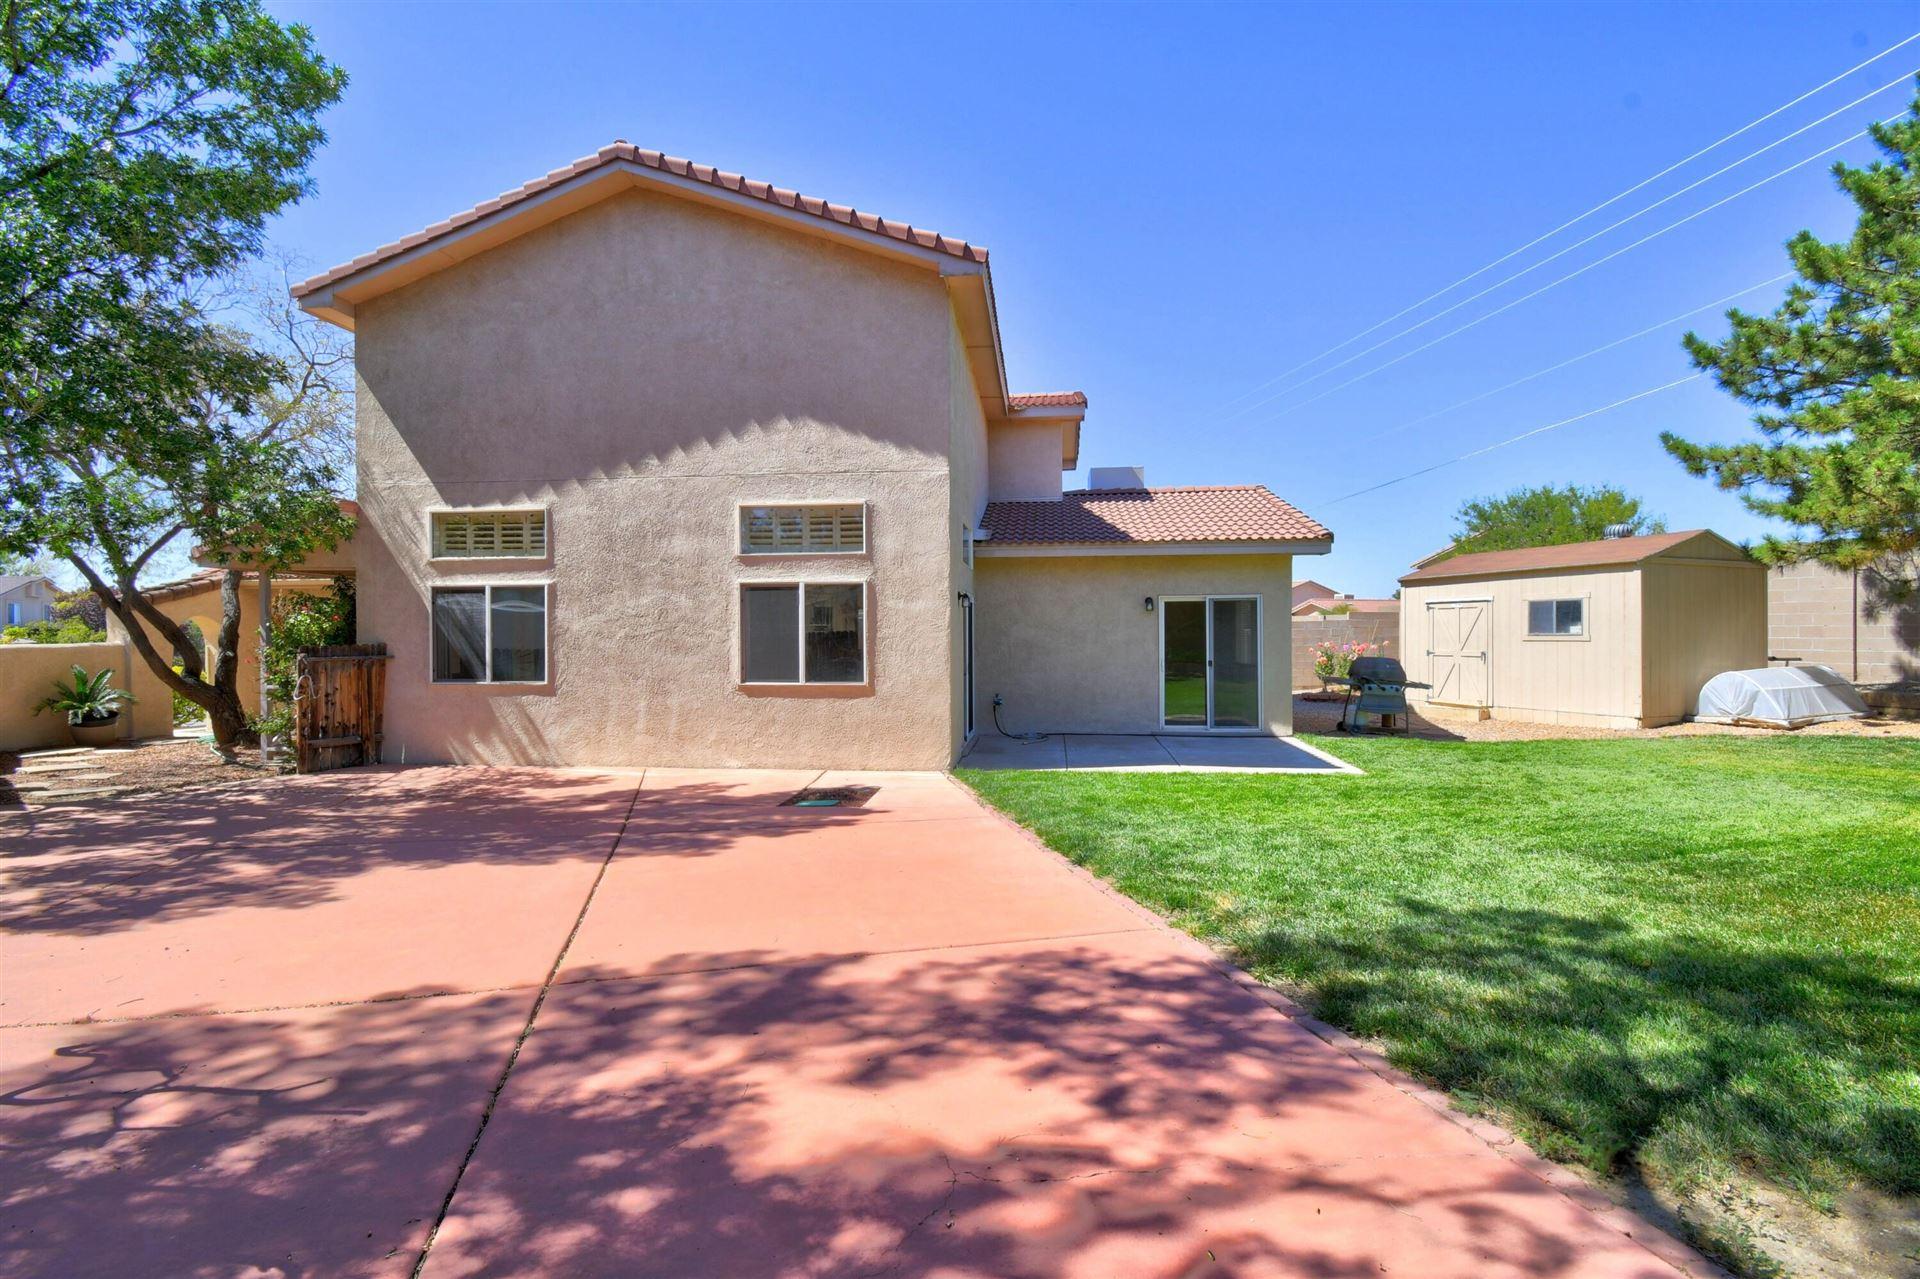 Photo of 8932 OLIVINE Street NE, Albuquerque, NM 87113 (MLS # 1001616)